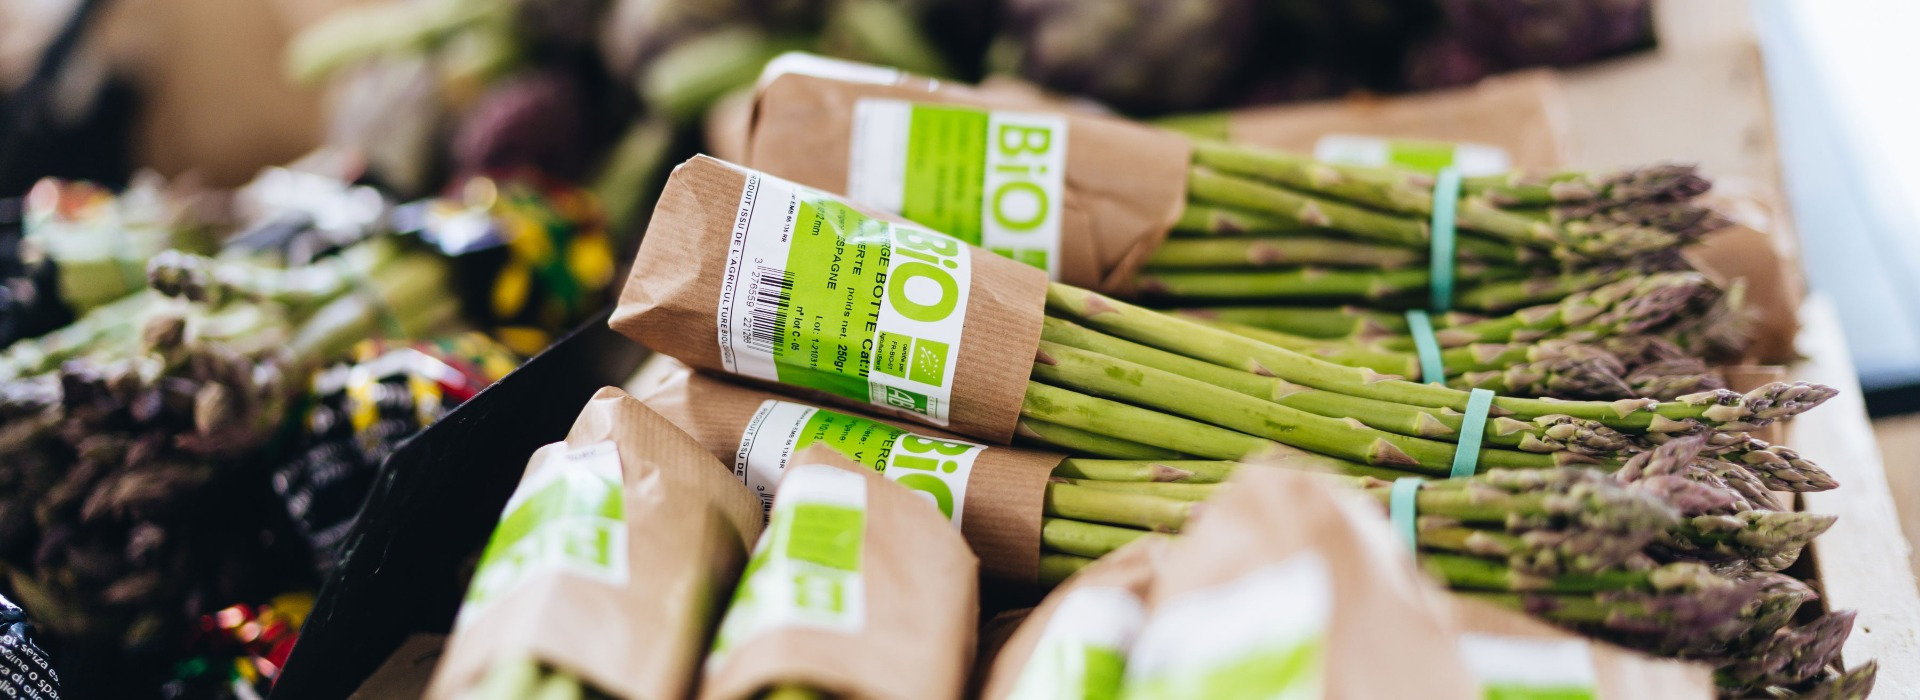 Des produits bio, frais et accessibles à tous.